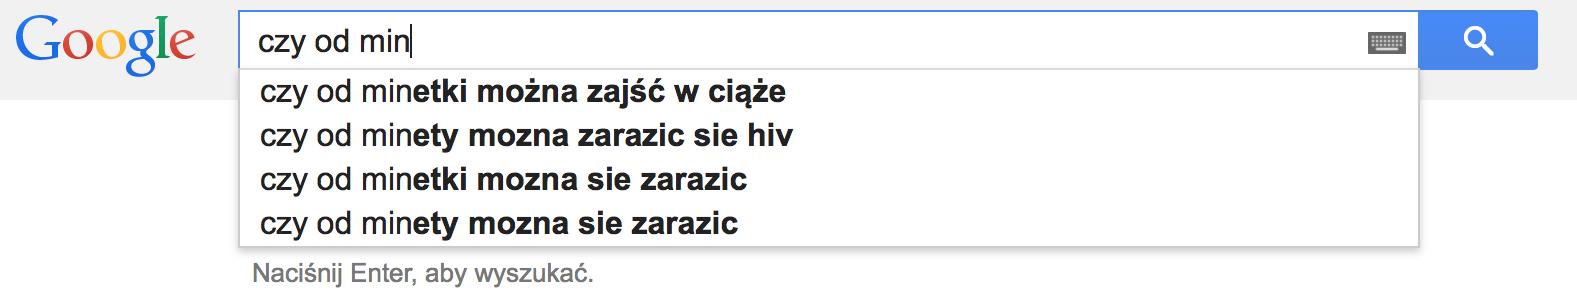 Kto używa Google?